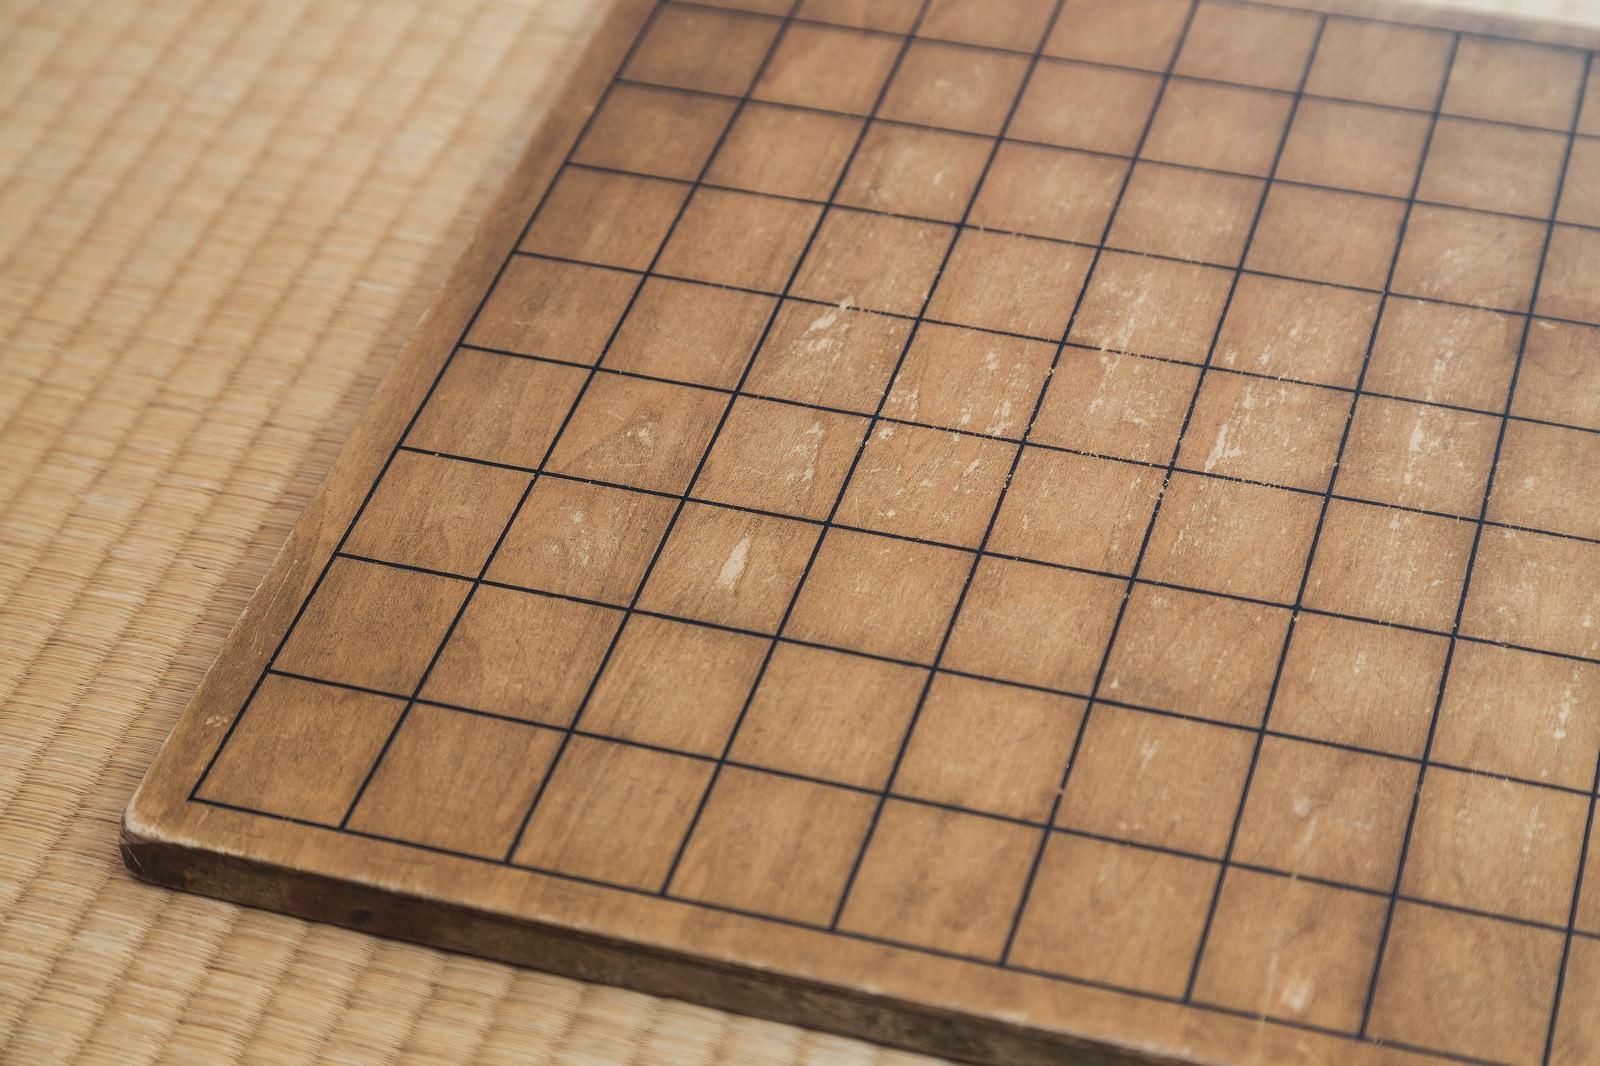 「古い将棋盤」の写真